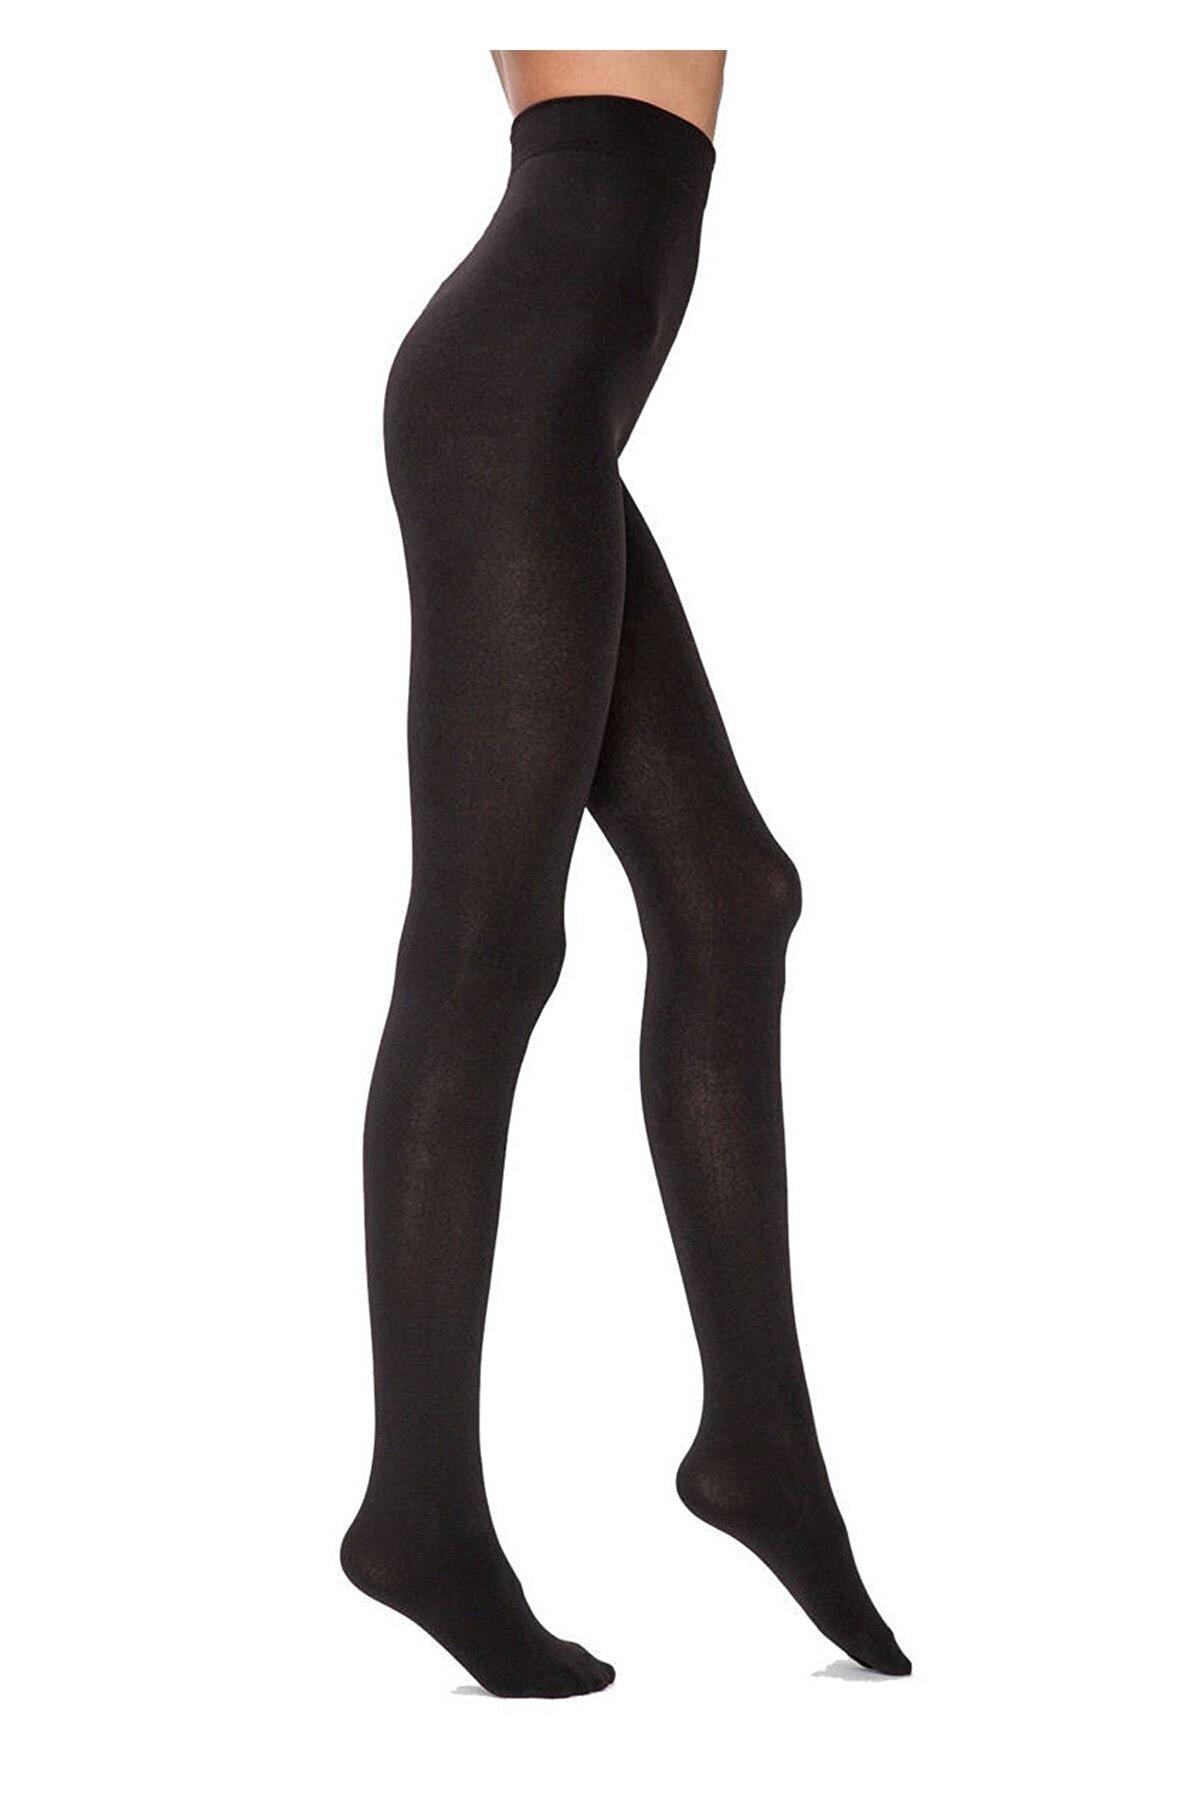 ELBİCA Penti Termal Yüksek Bel Siyah Külotlu Çorap